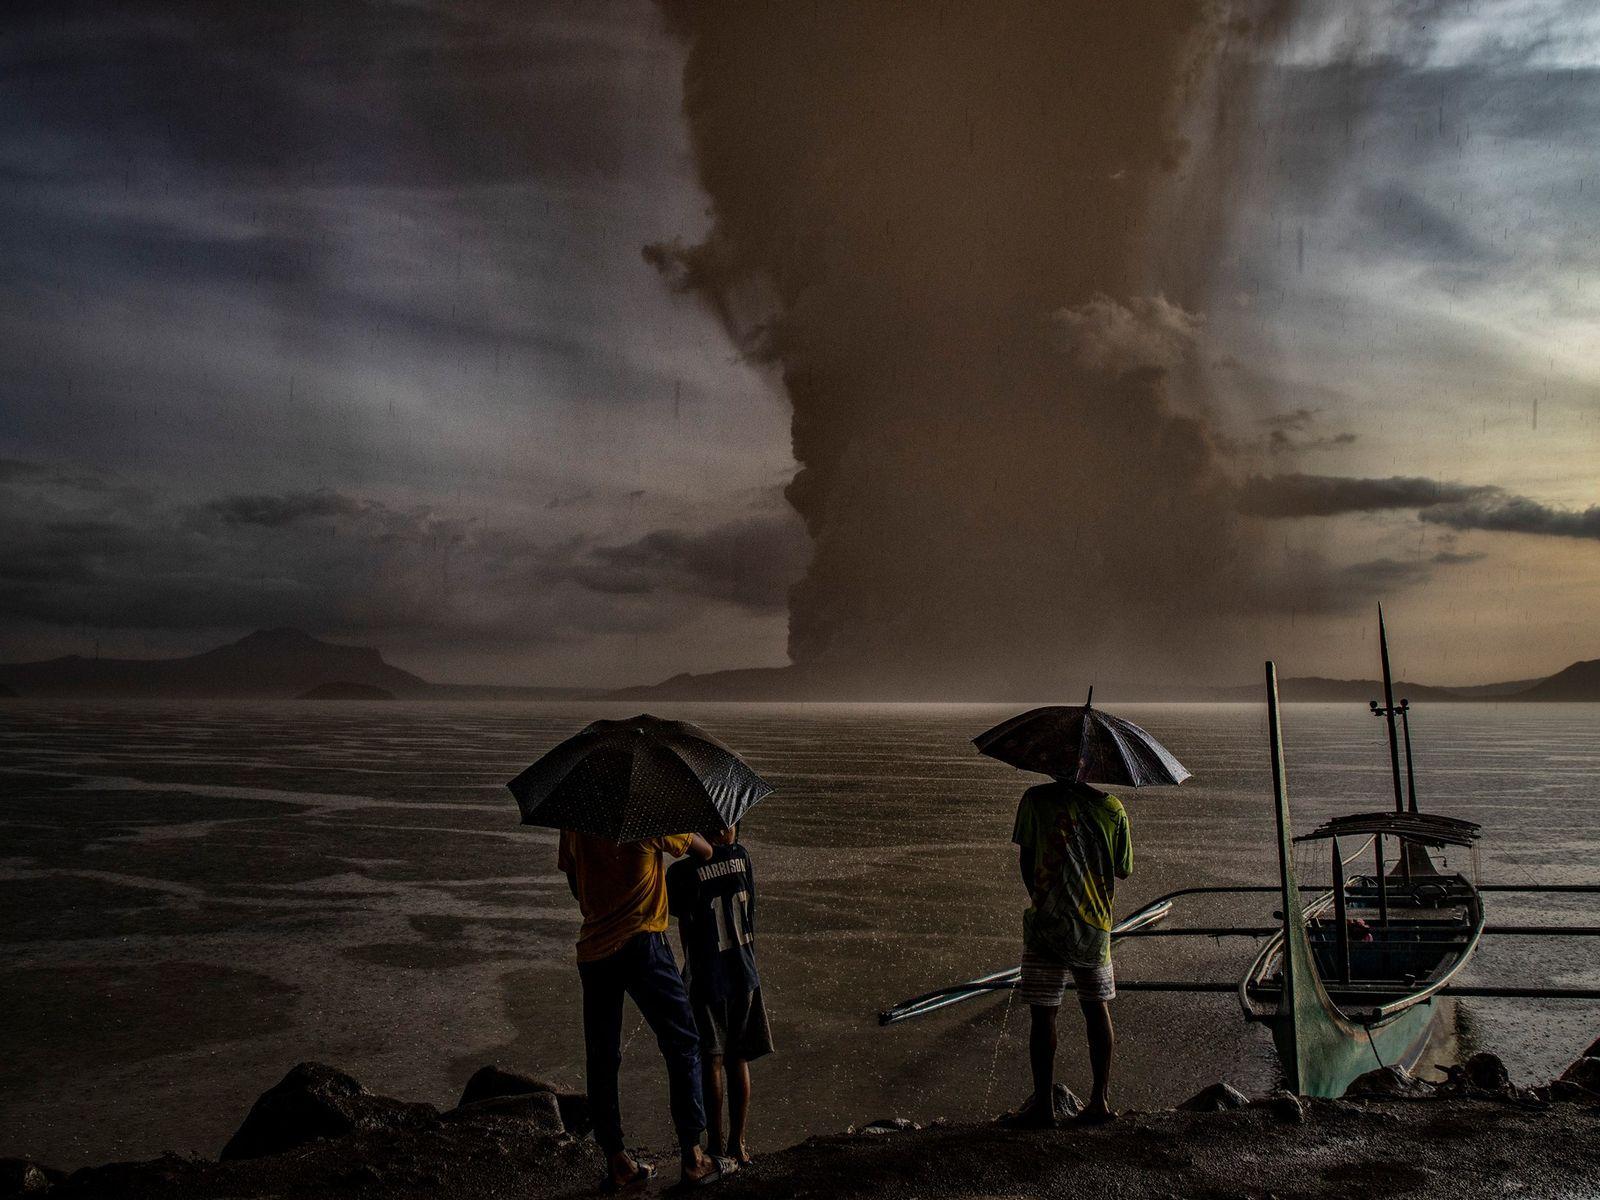 No dia 13 de janeiro, quando o vulcão Taal entrou em erupção nas Filipinas, uma nuvem ...